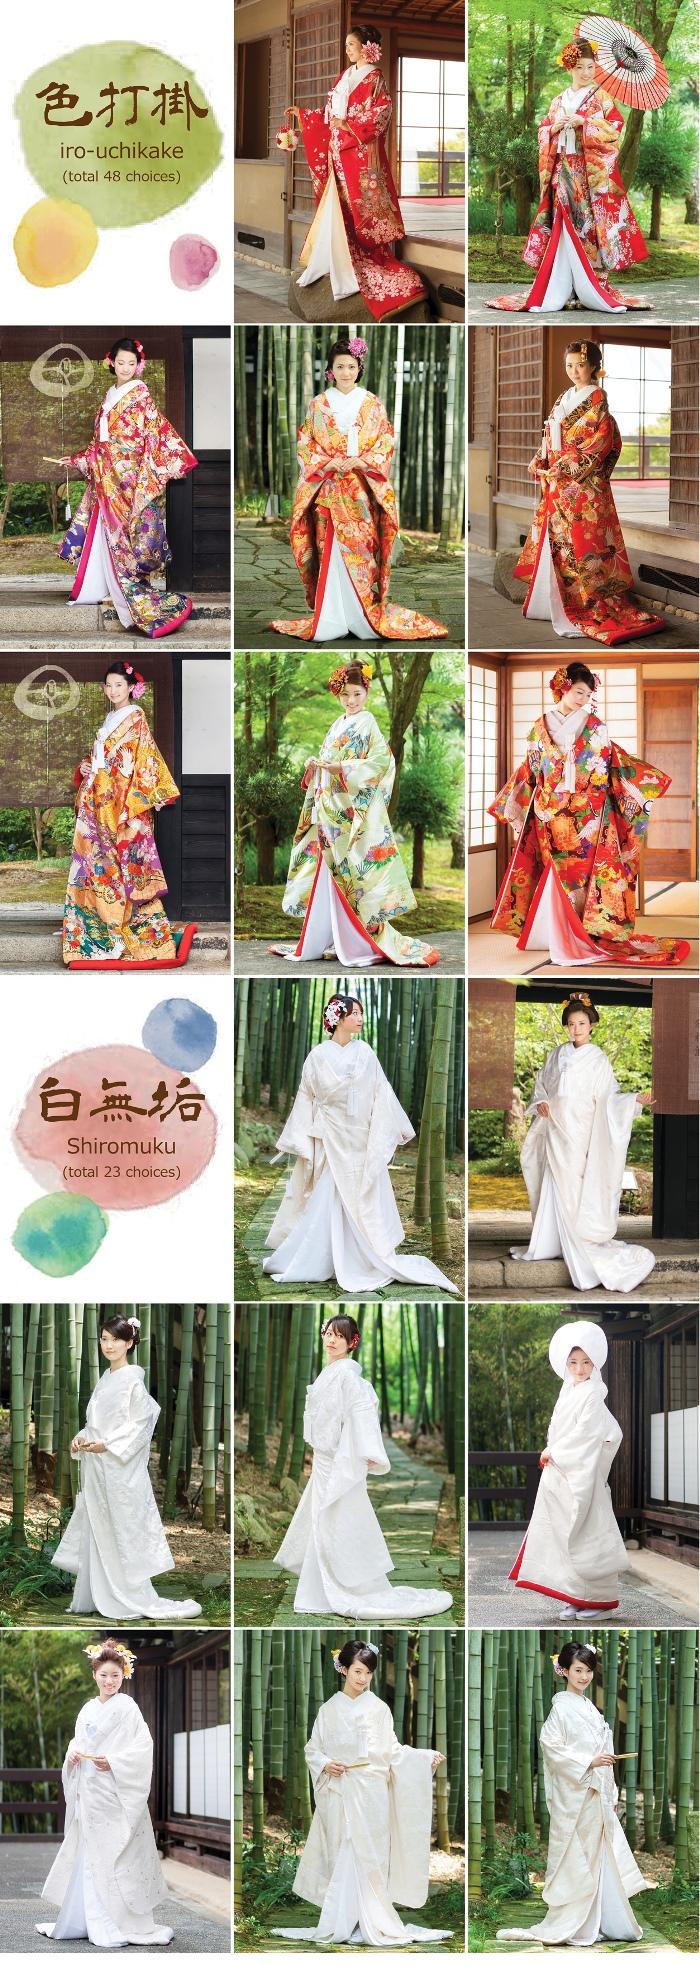 various of kimono choices